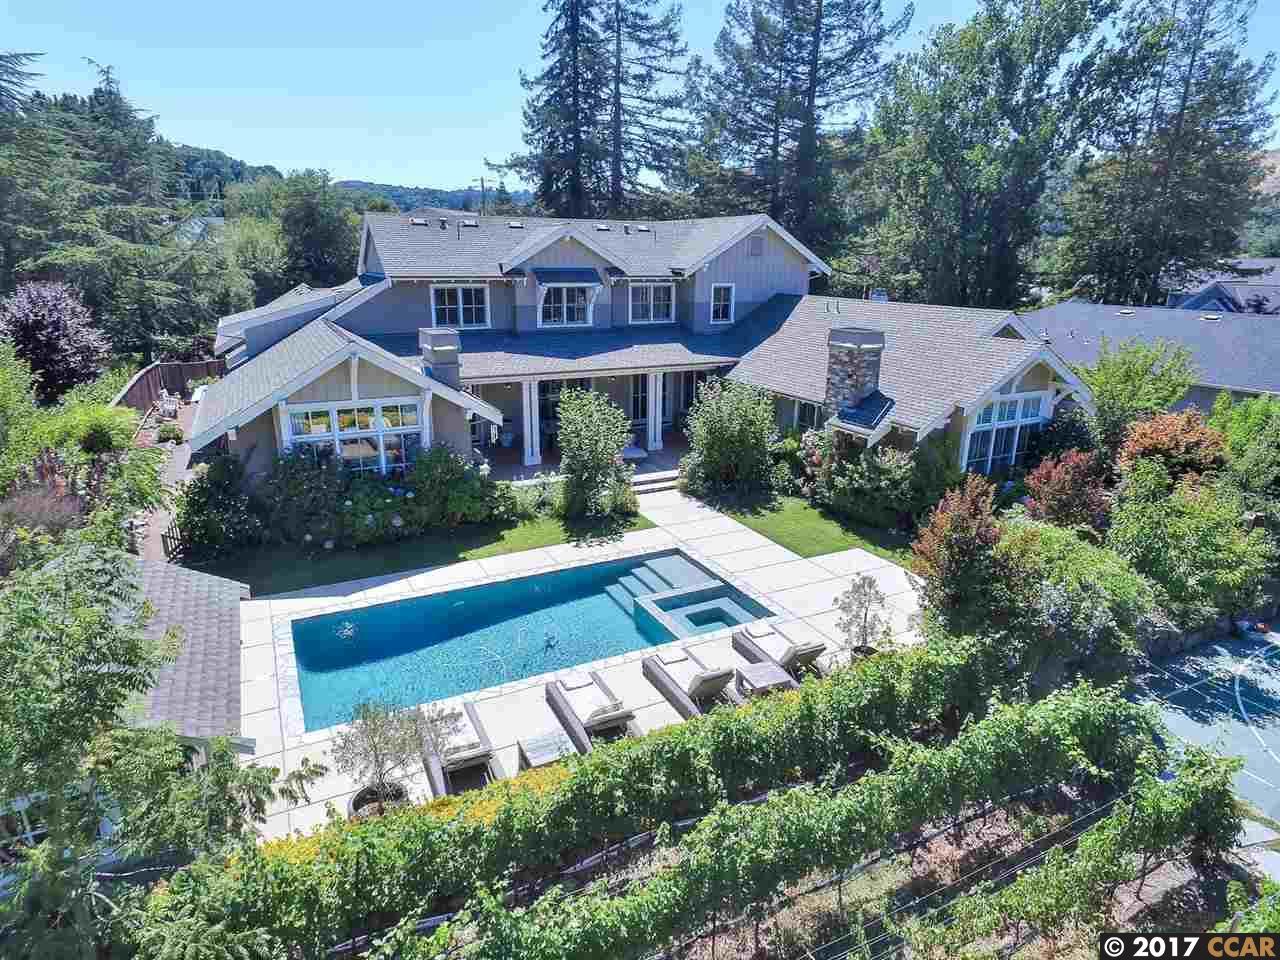 Частный односемейный дом для того Продажа на 1057 Camino Pablo Moraga, Калифорния 94556 Соединенные Штаты